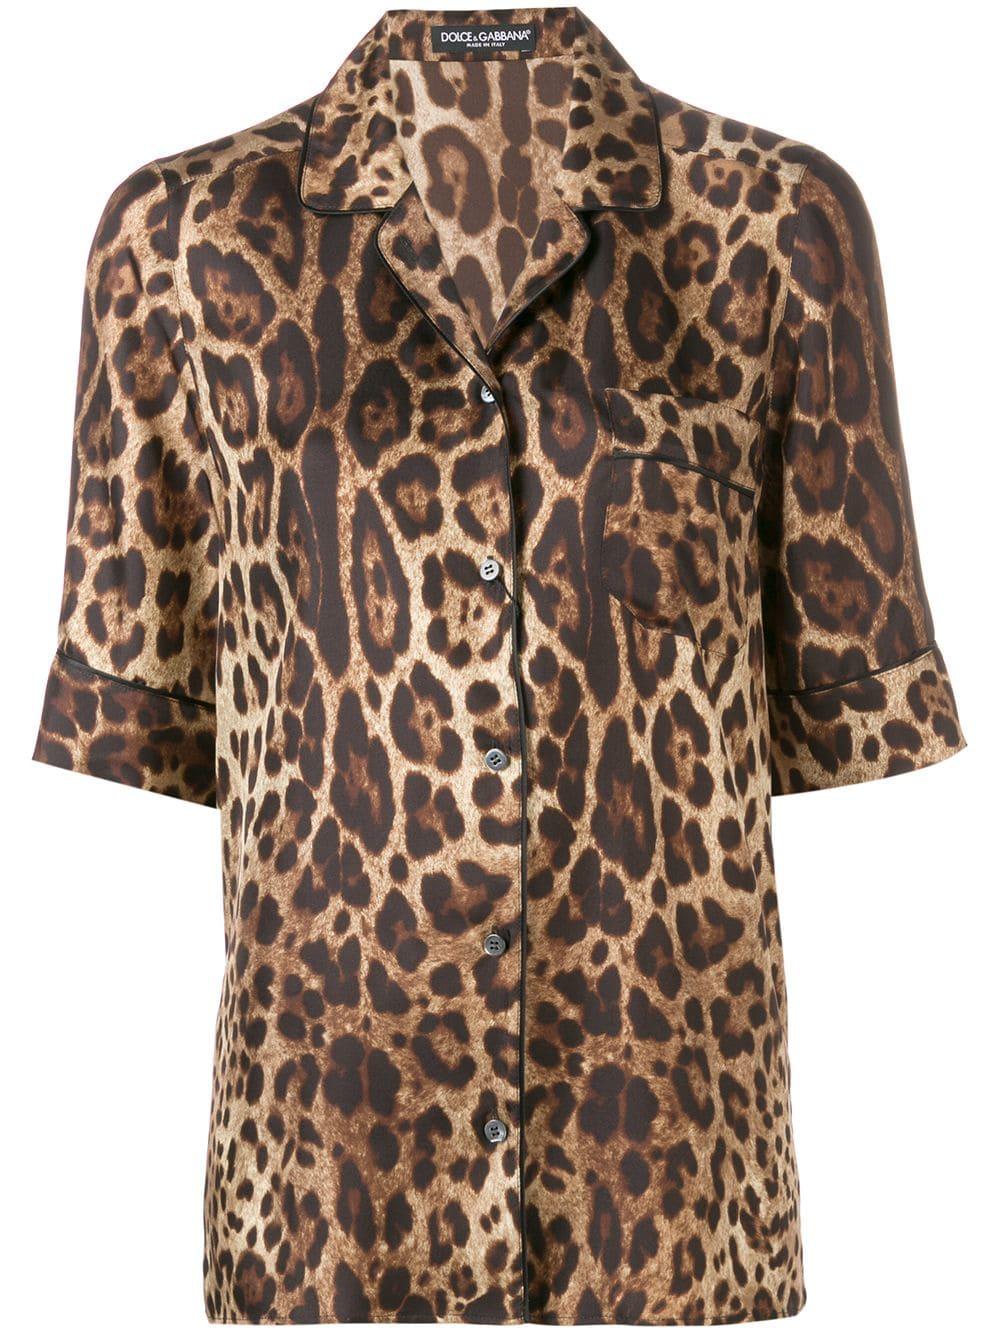 660b890e29fe DOLCE & GABBANA DOLCE & GABBANA LEOPARD PRINT SHIRT - BROWN. #dolcegabbana  #cloth